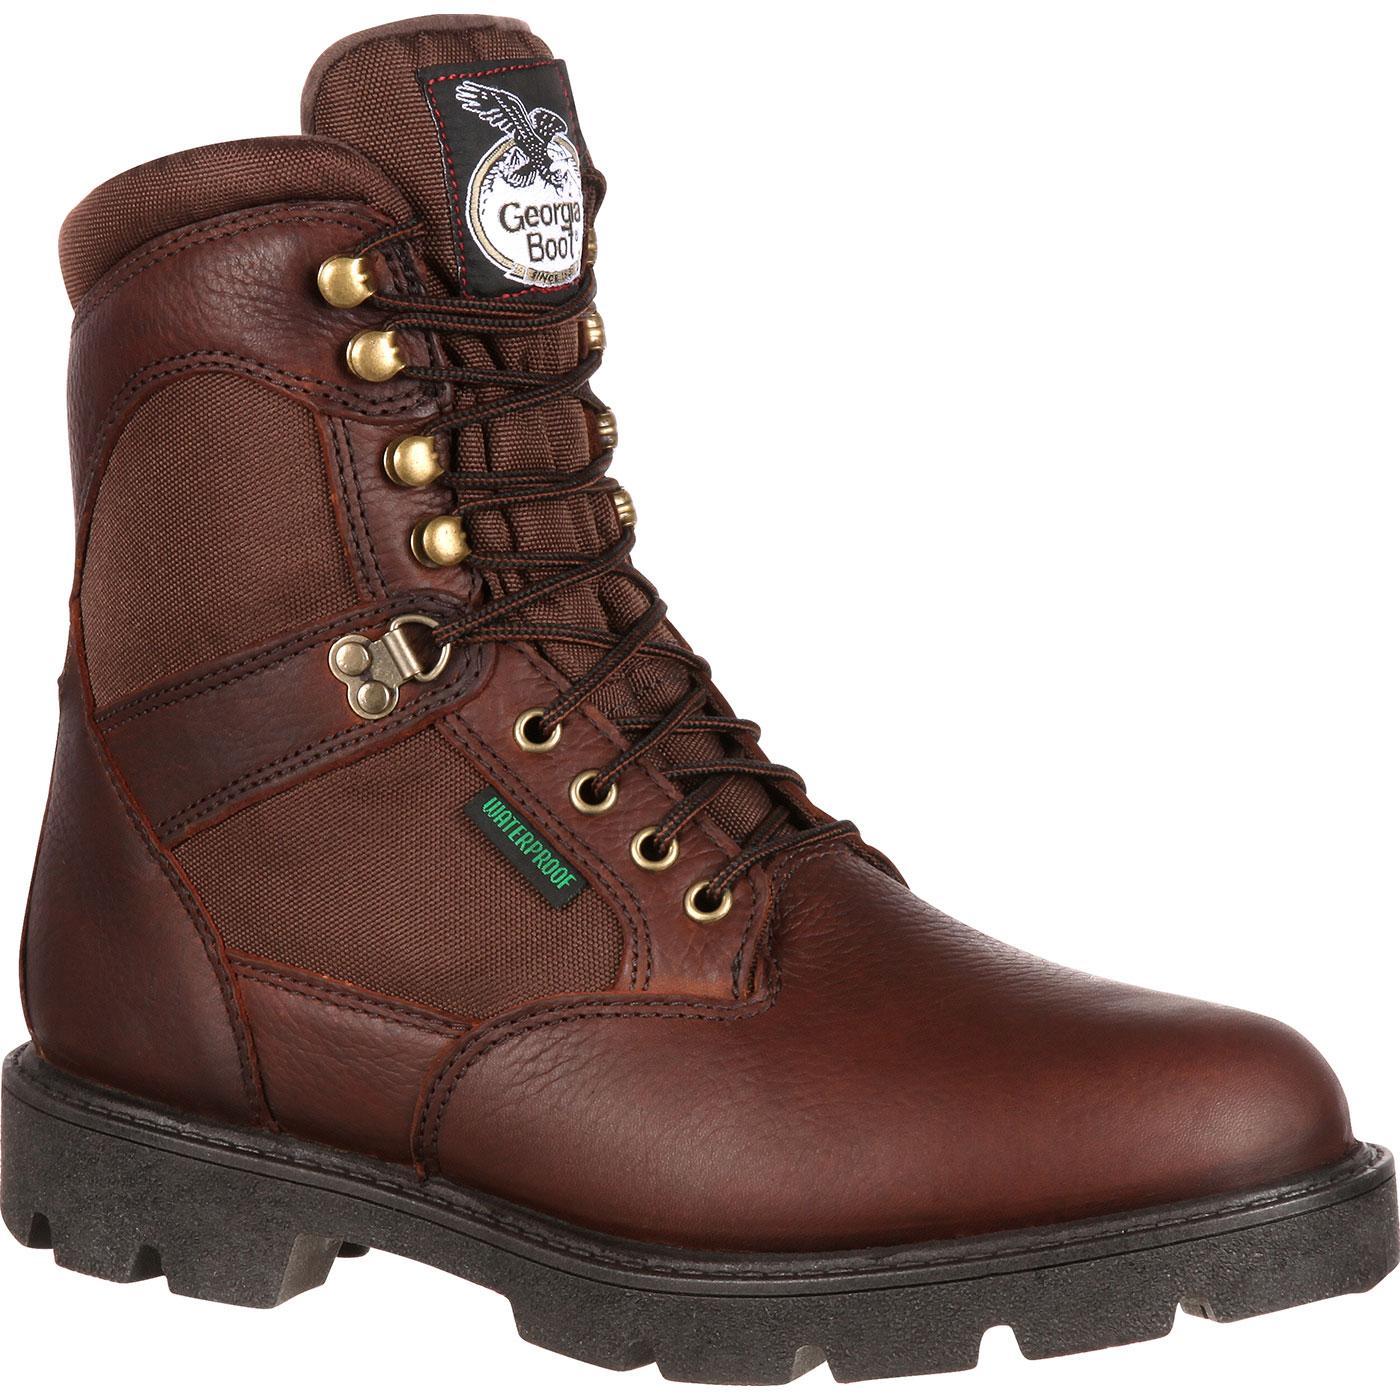 Georgia Homeland Men's Waterproof Work Boot, style #G108